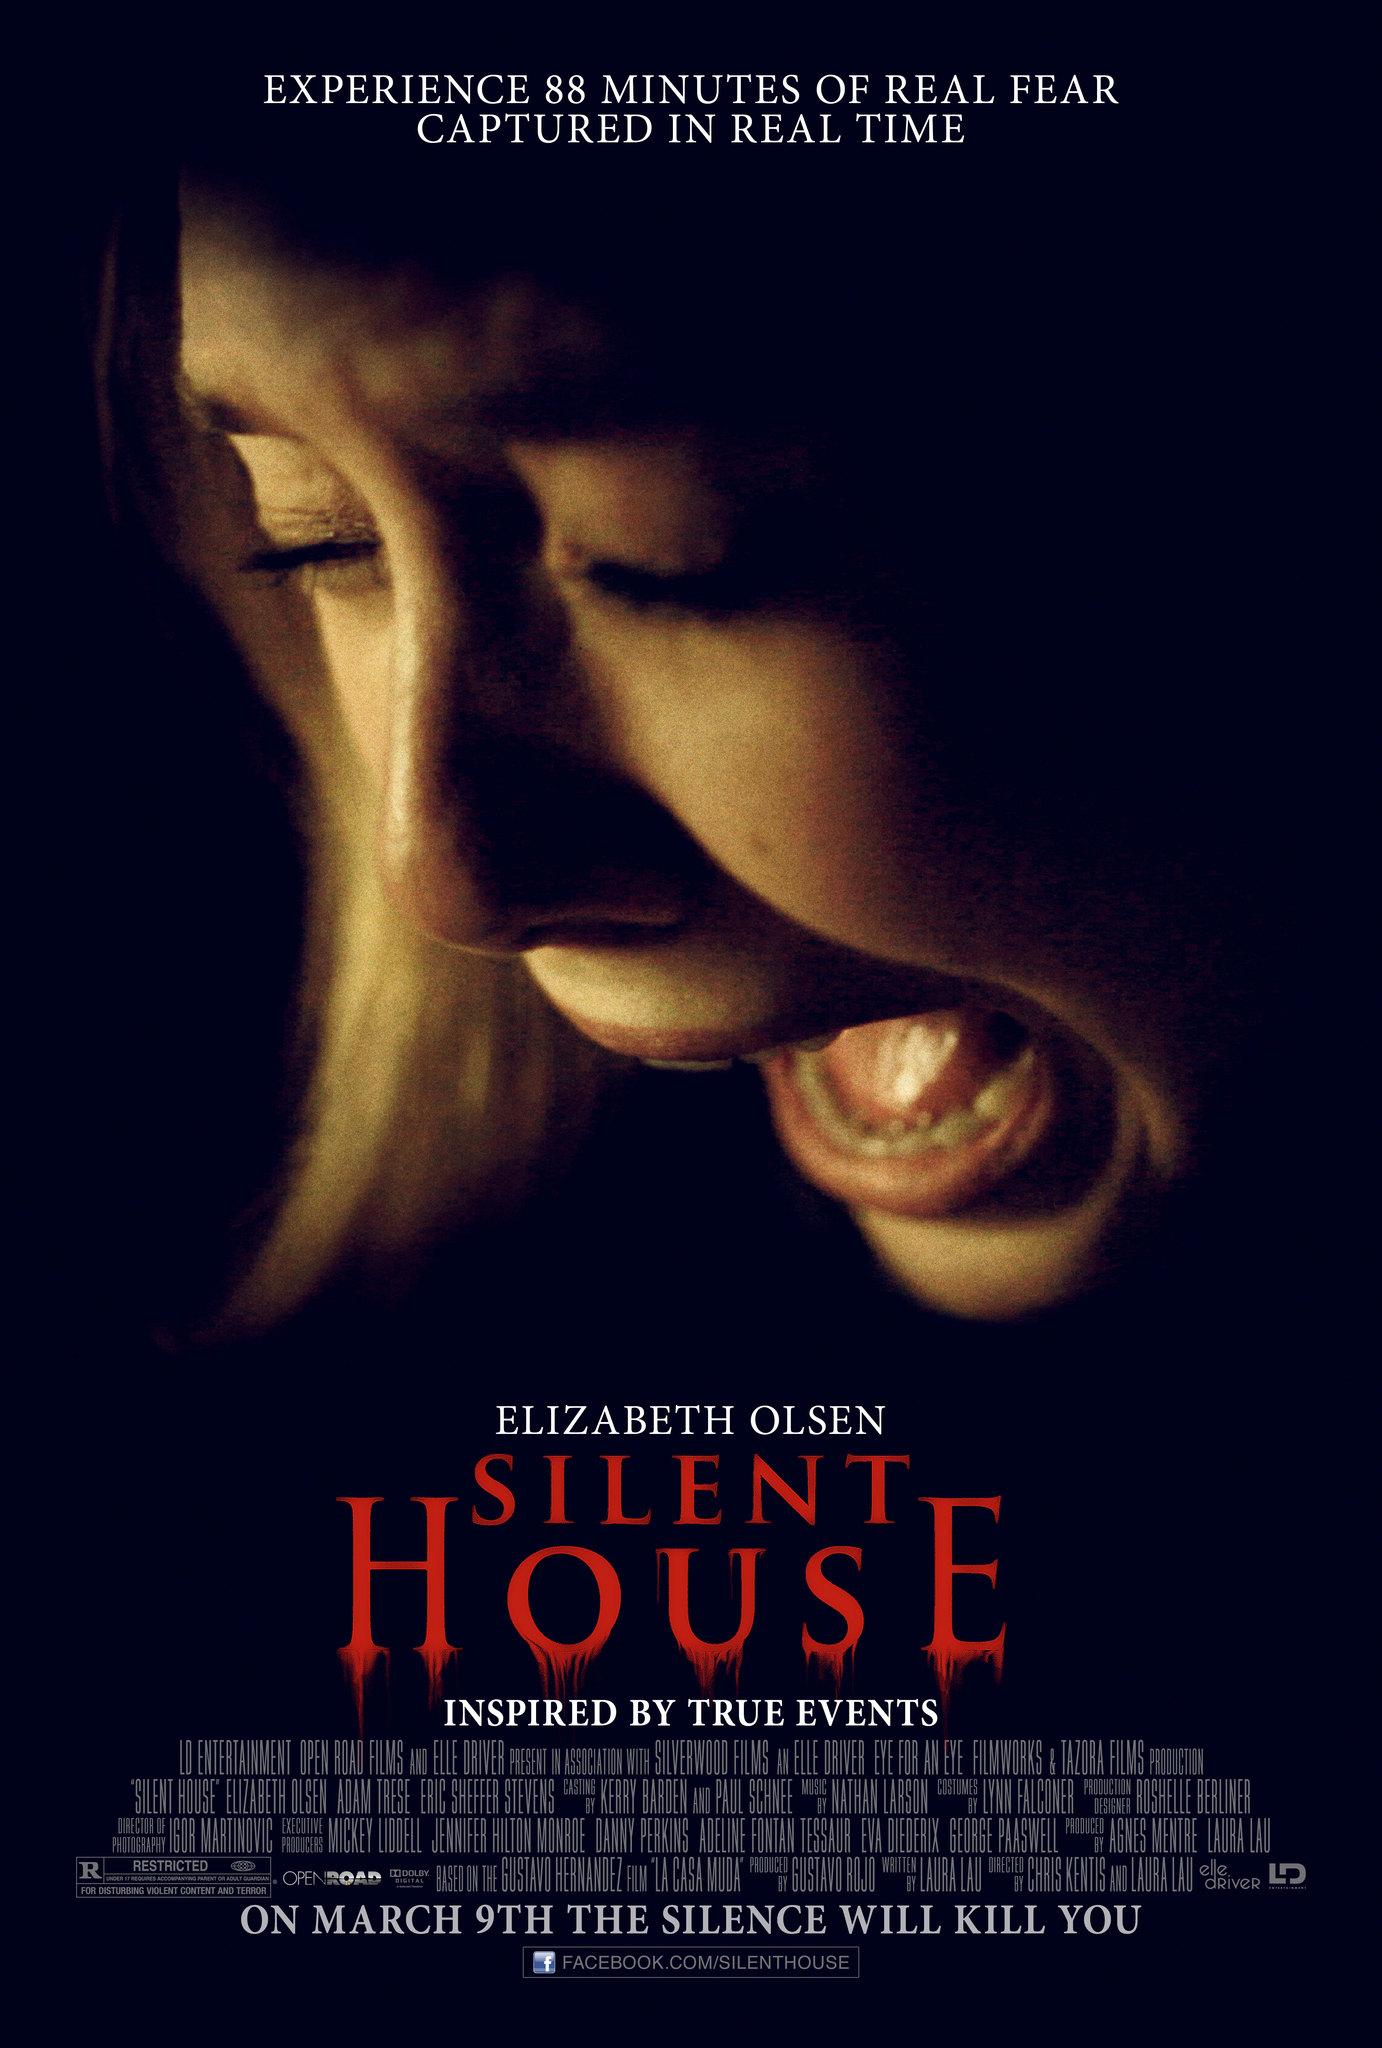 ჩუმი სახლი,SILENT HOUSE